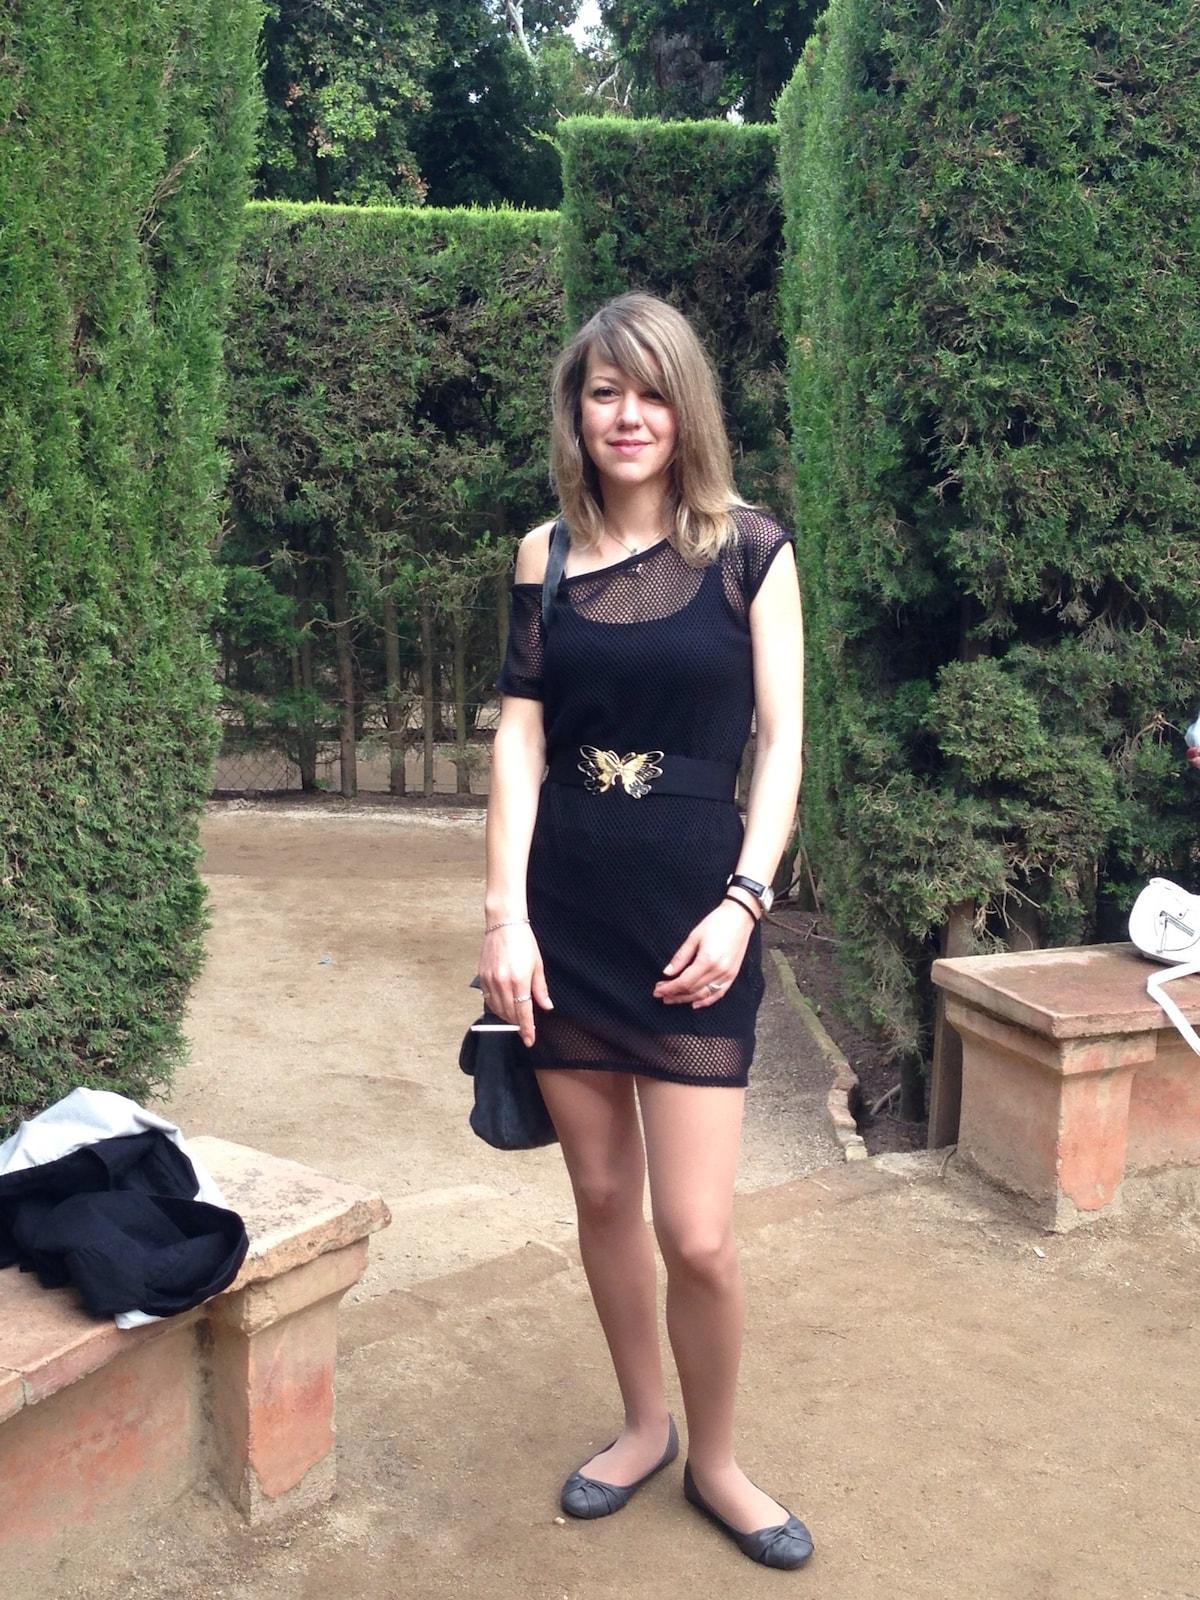 Marina from Barcelona